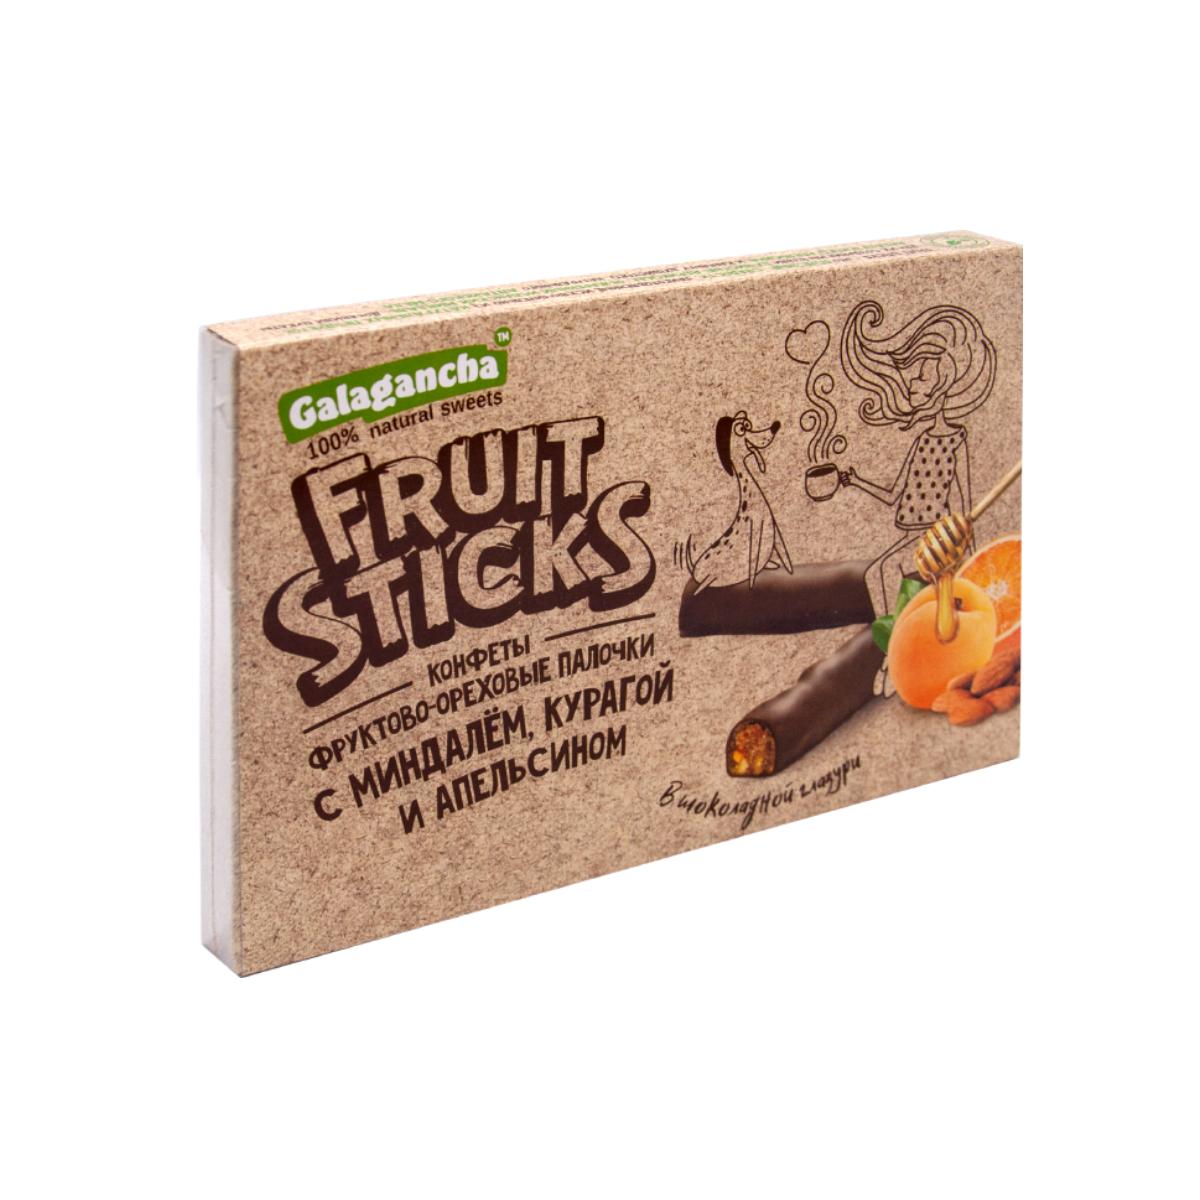 FruitSticks с курагой и миндалём в шоколадной глазури